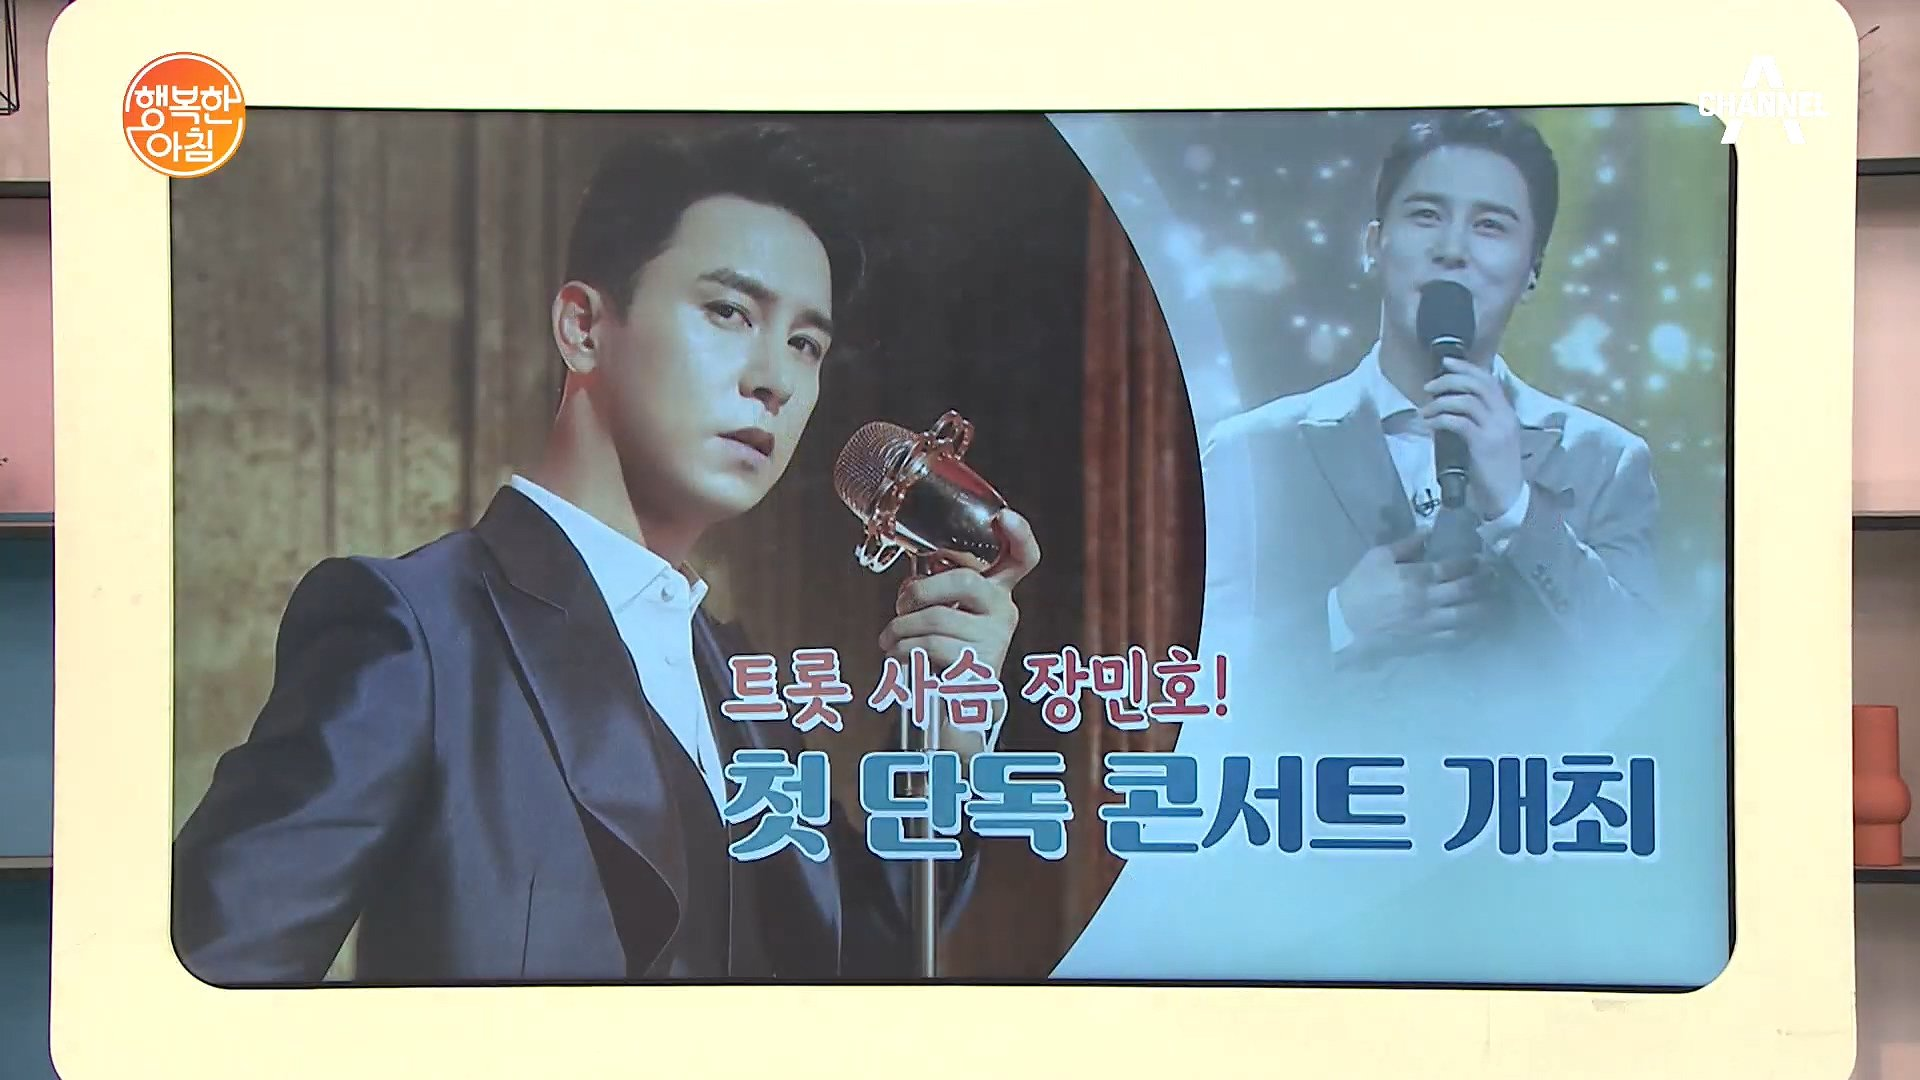 트로트 가수 장민호, 첫 단독 콘서트 개최